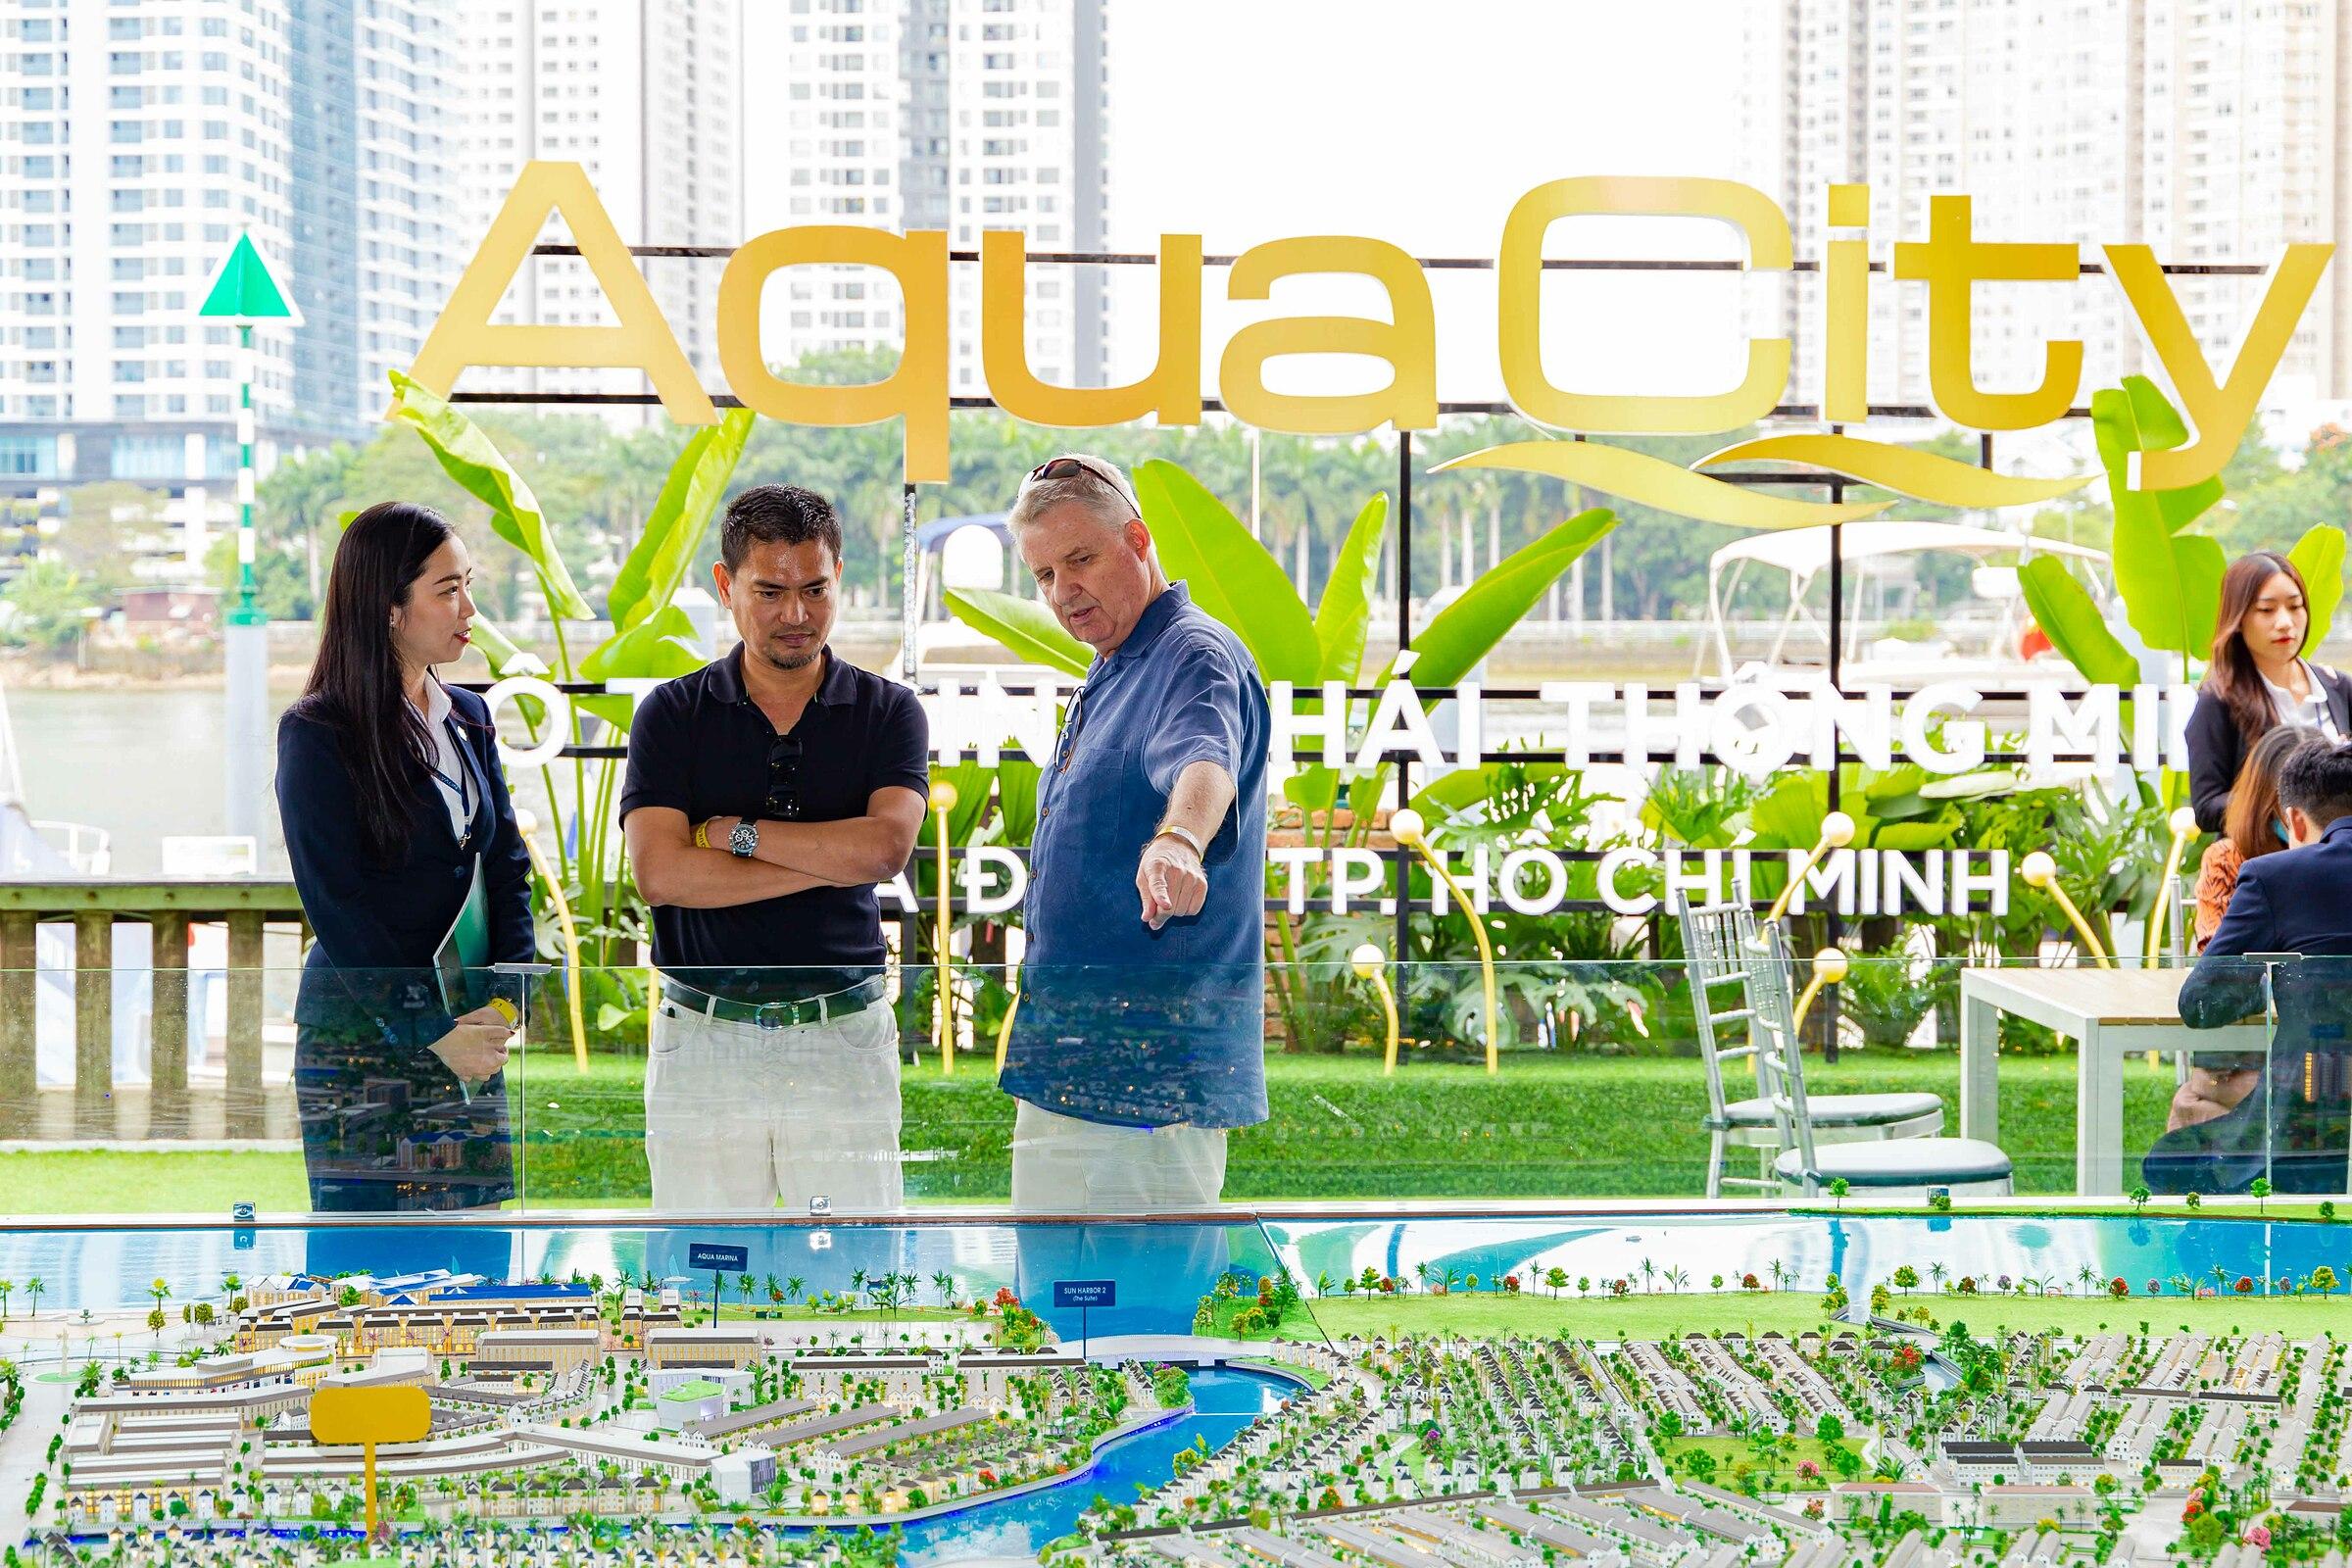 Cảnh quan, tiện ích Aqua City hấp dẫn nhà đầu tư ngoại